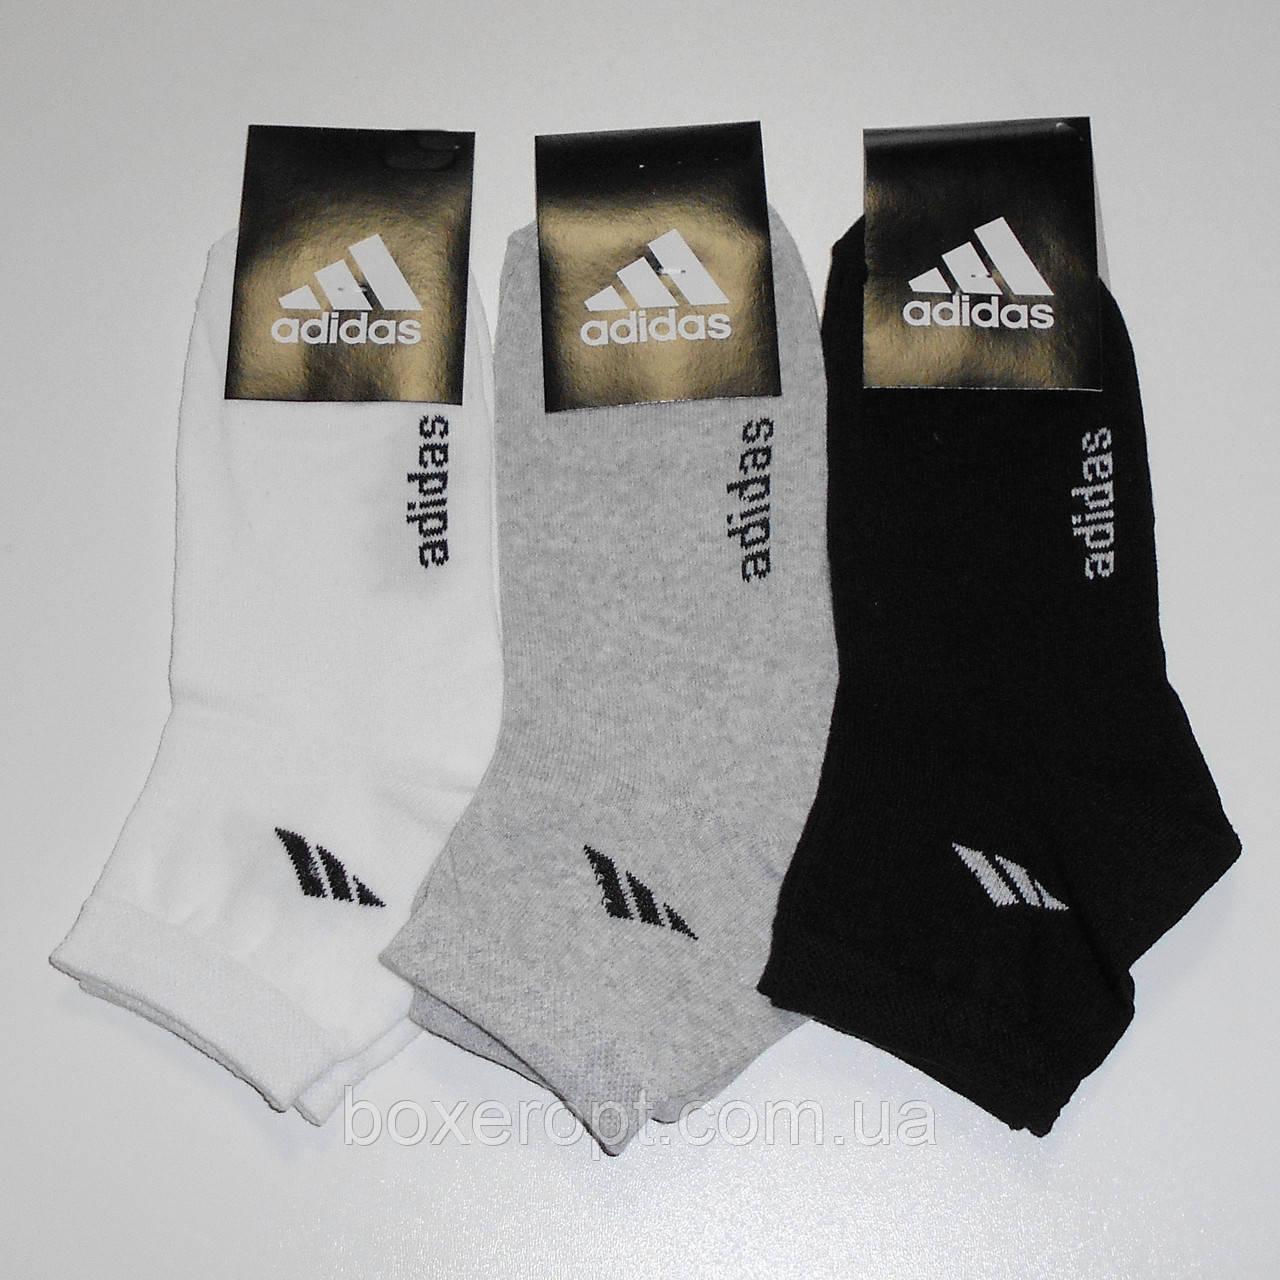 Женские носки с надписью Adidas - 7.00 грн./пара (светлое ассорти)